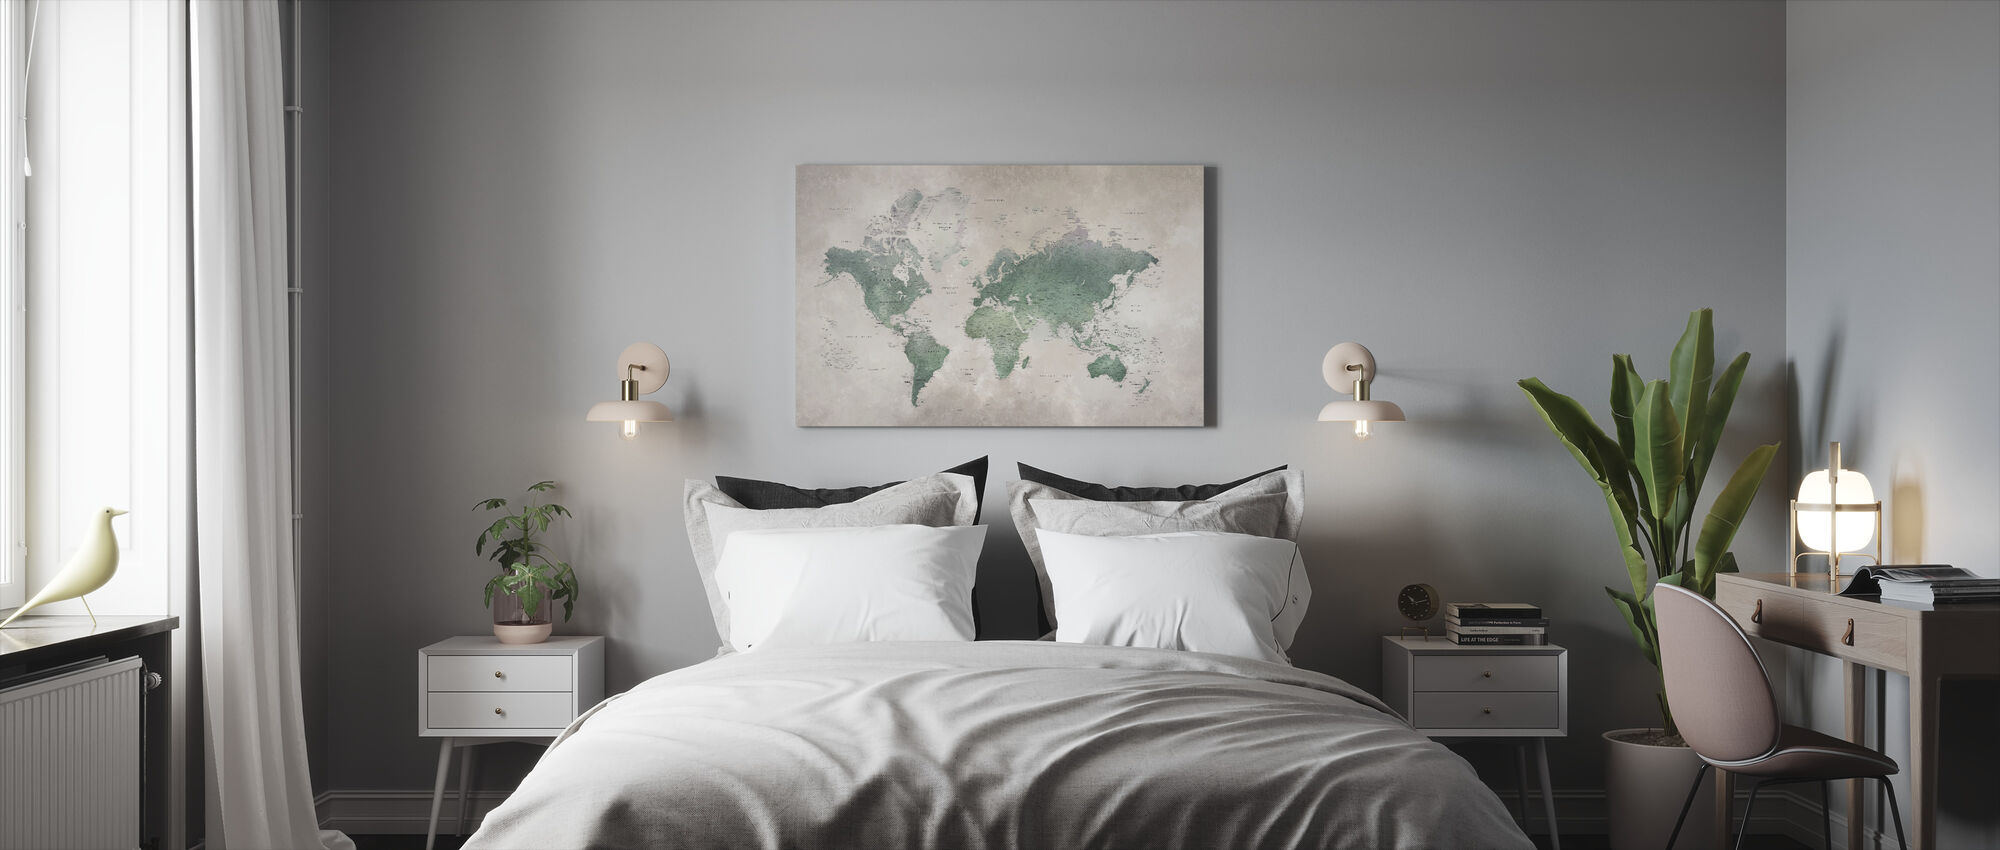 Maailmankartta - Emerald - Canvastaulu - Makuuhuone